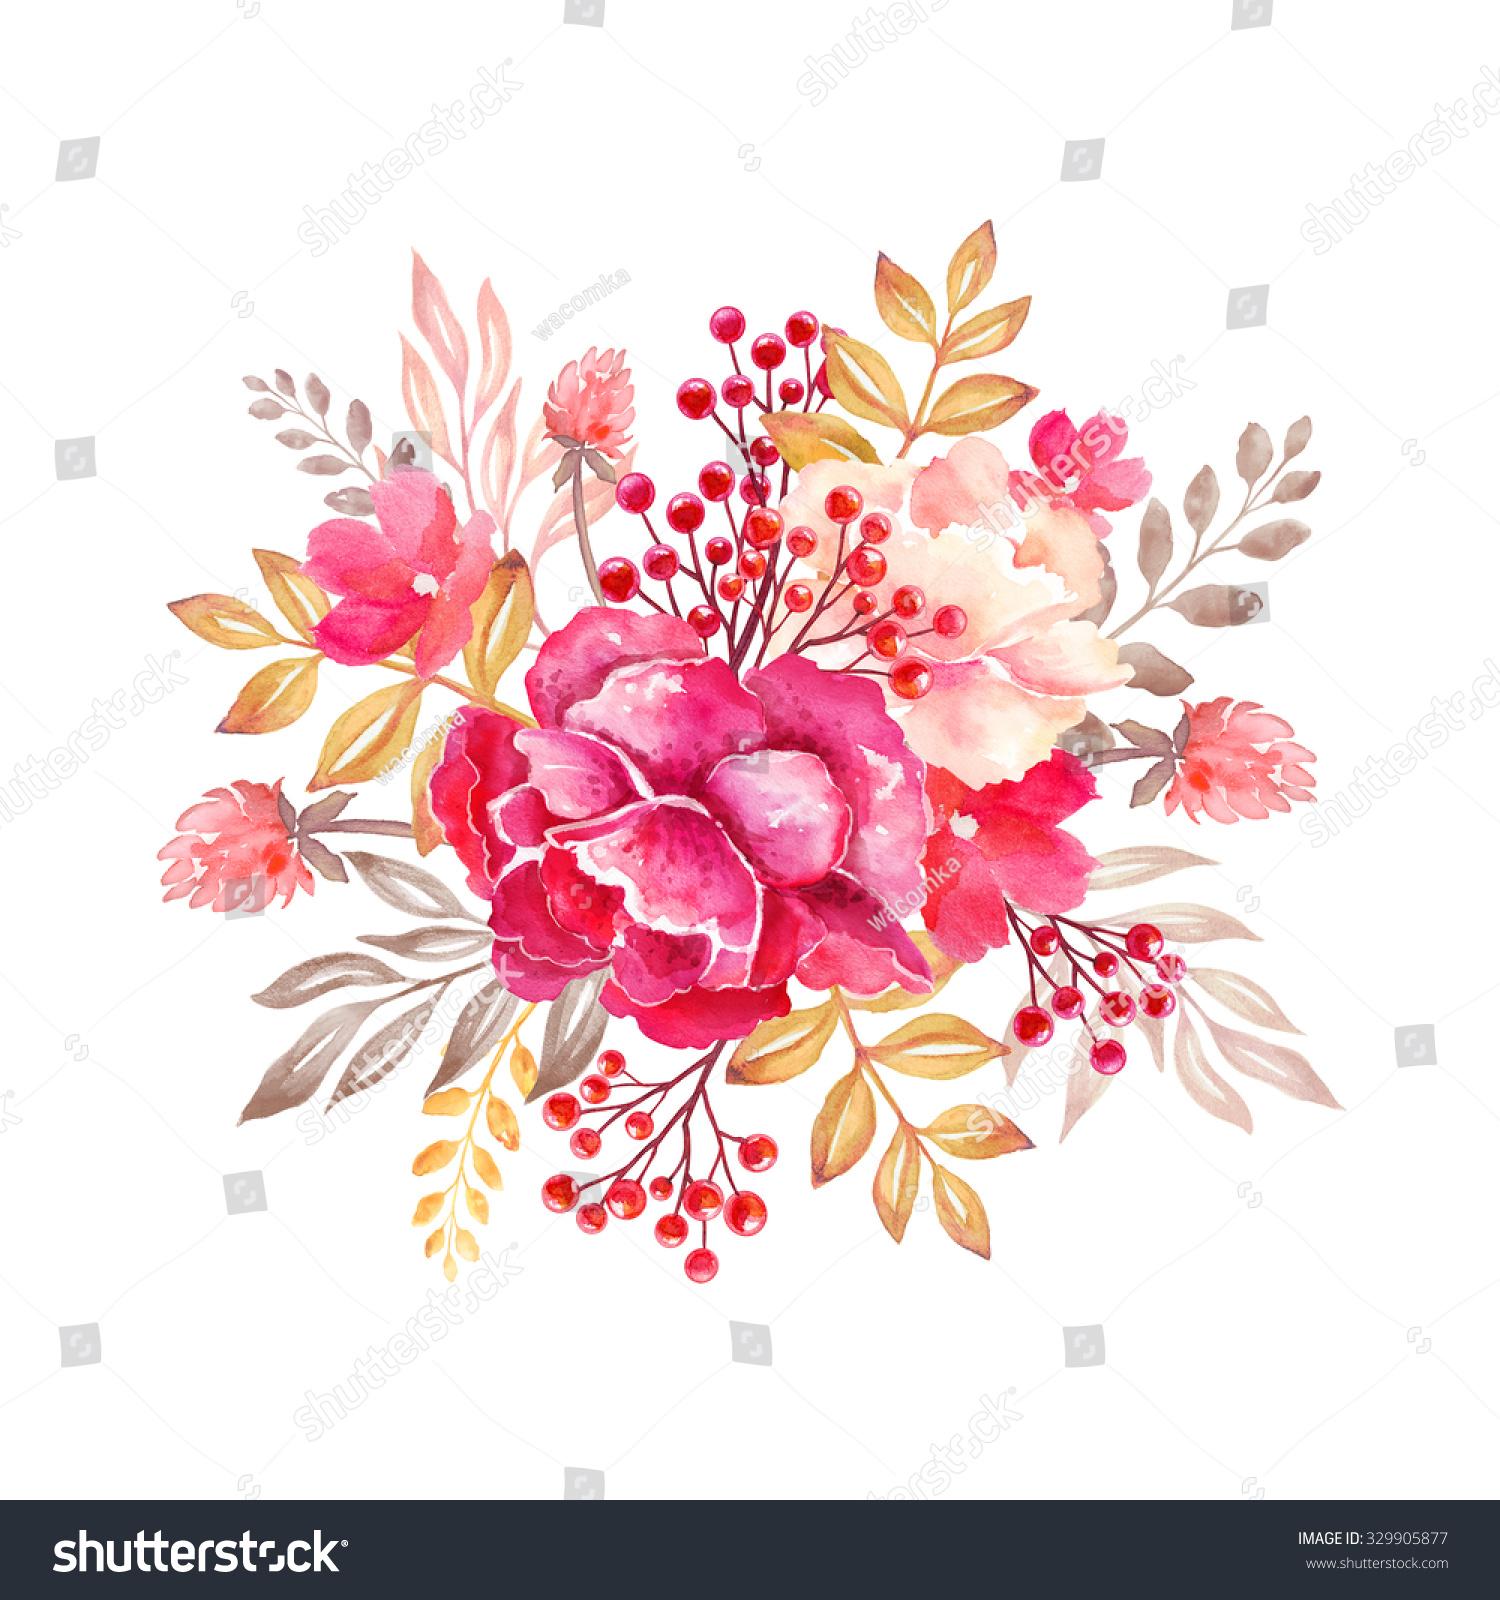 Floral arrangement clip art cliparts